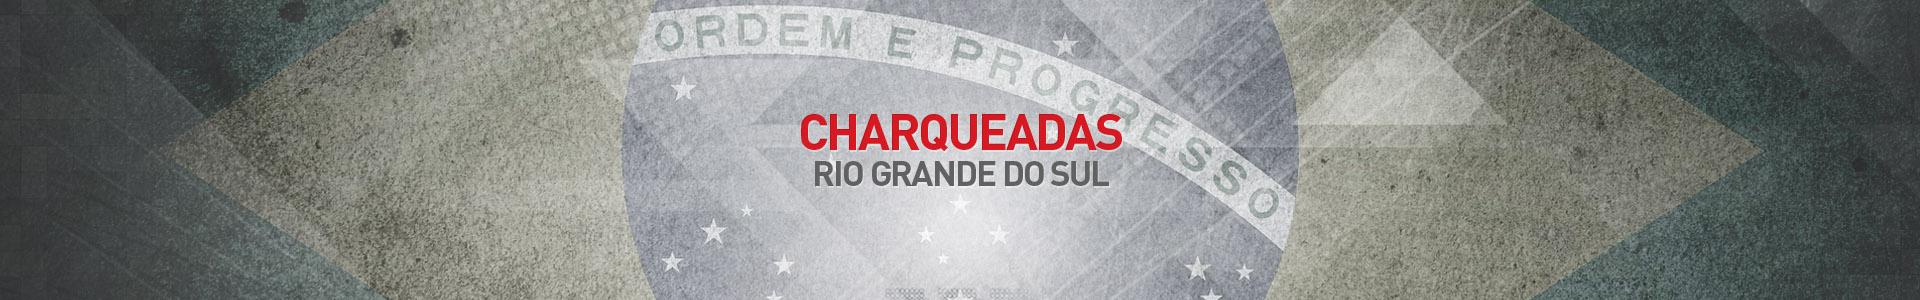 Topo-Cidades-Charqueadas-SBA